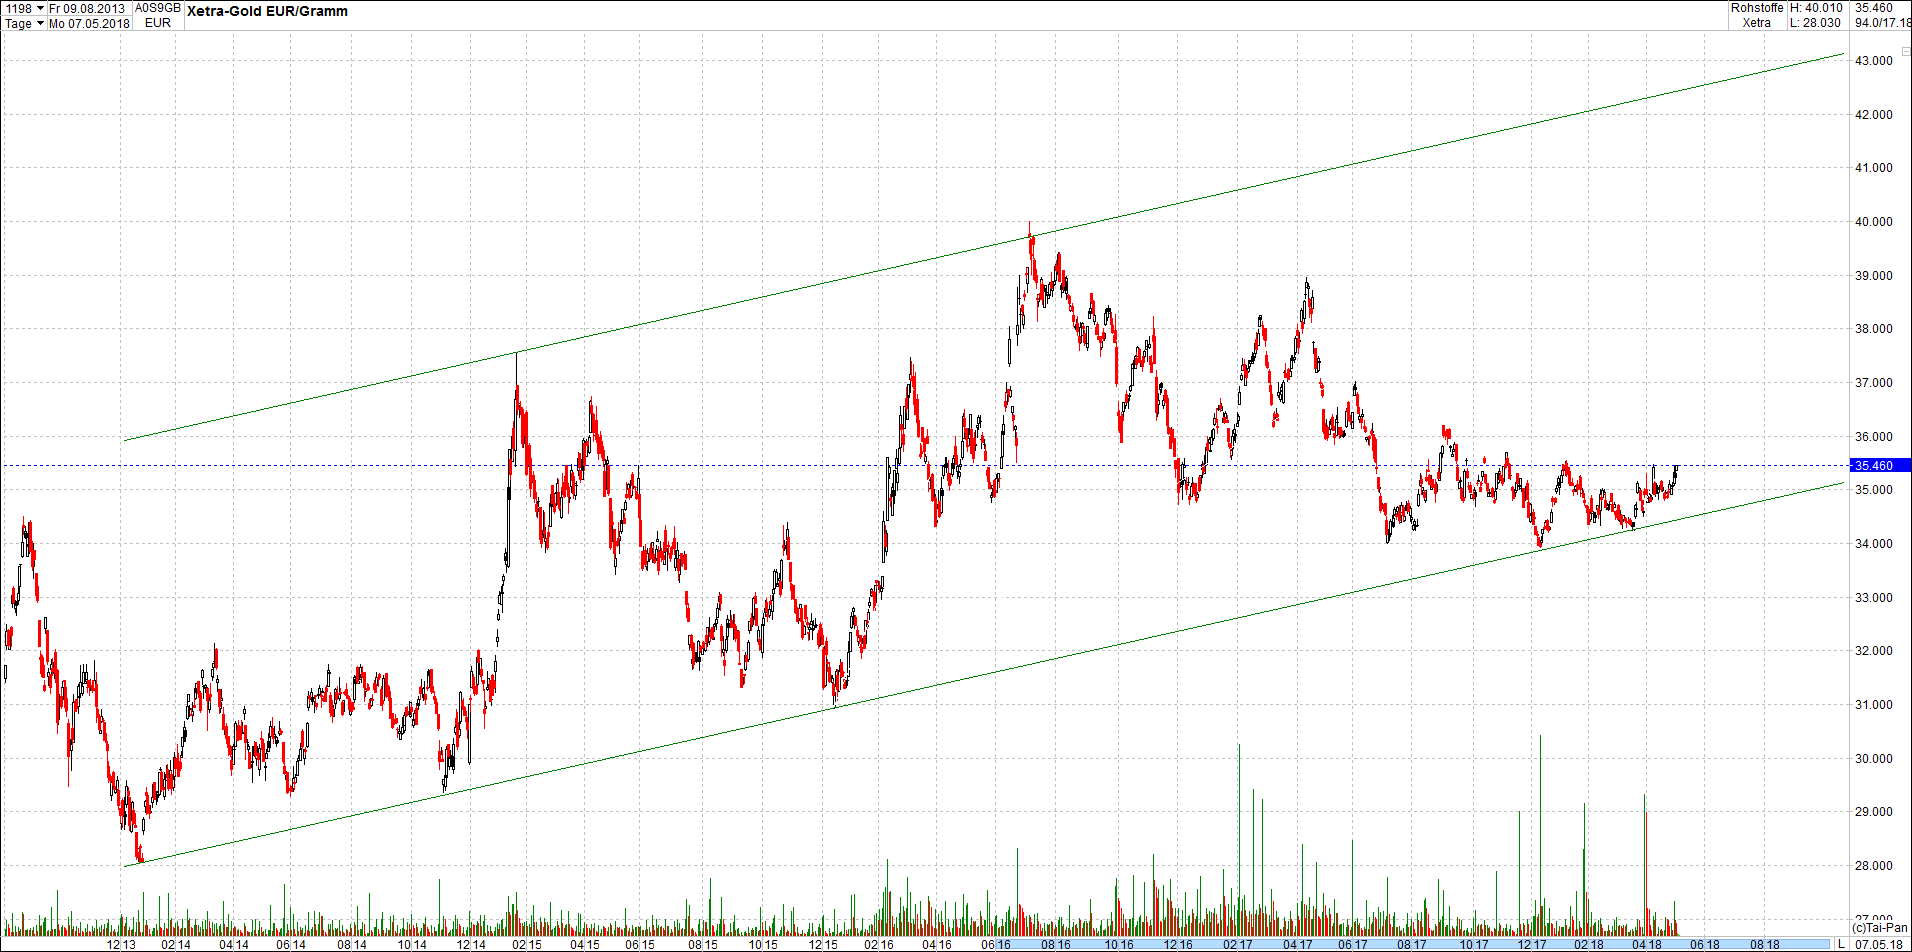 gold_chart_von_heute2.png